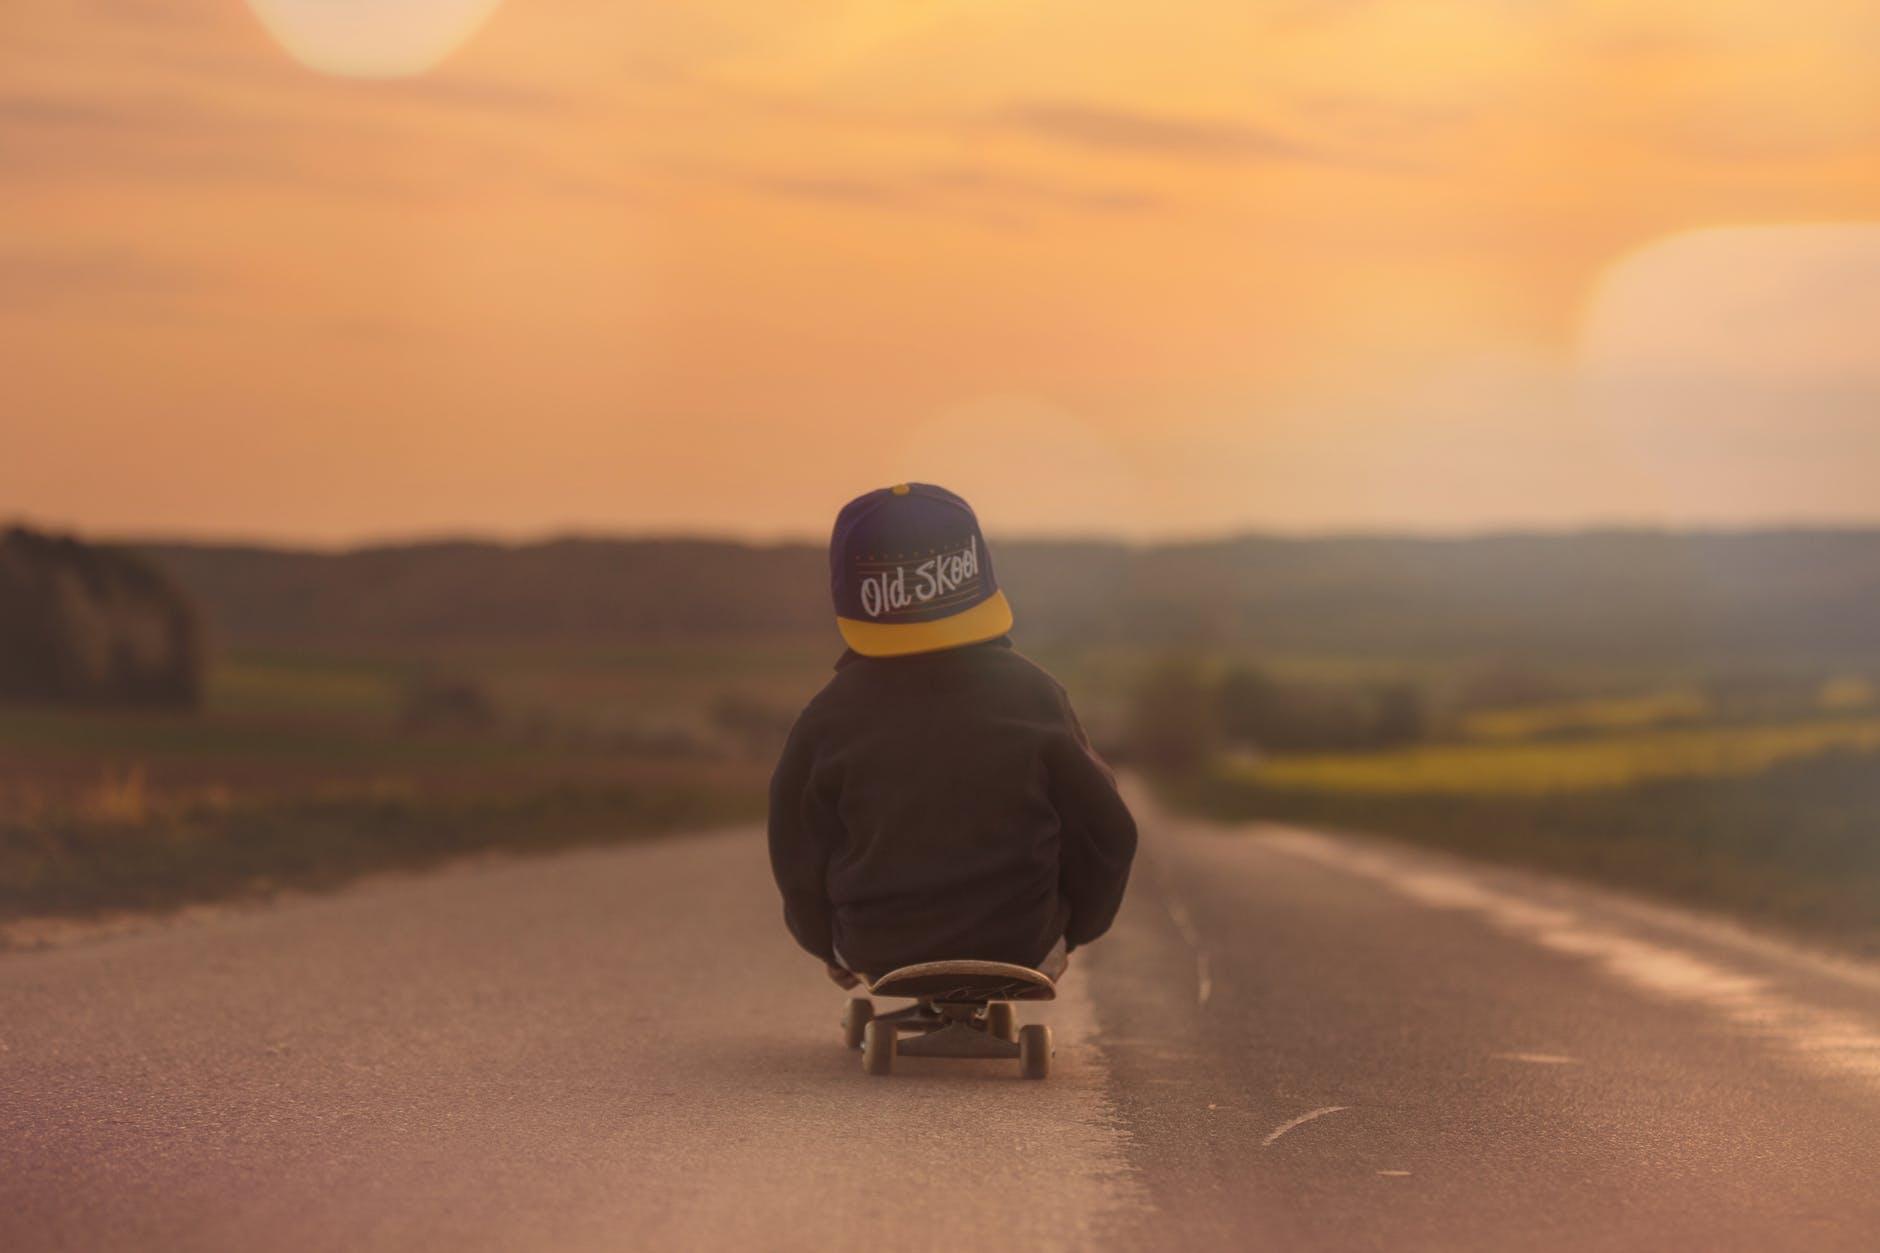 skateboard-child-boy-sunset-53968.jpeg